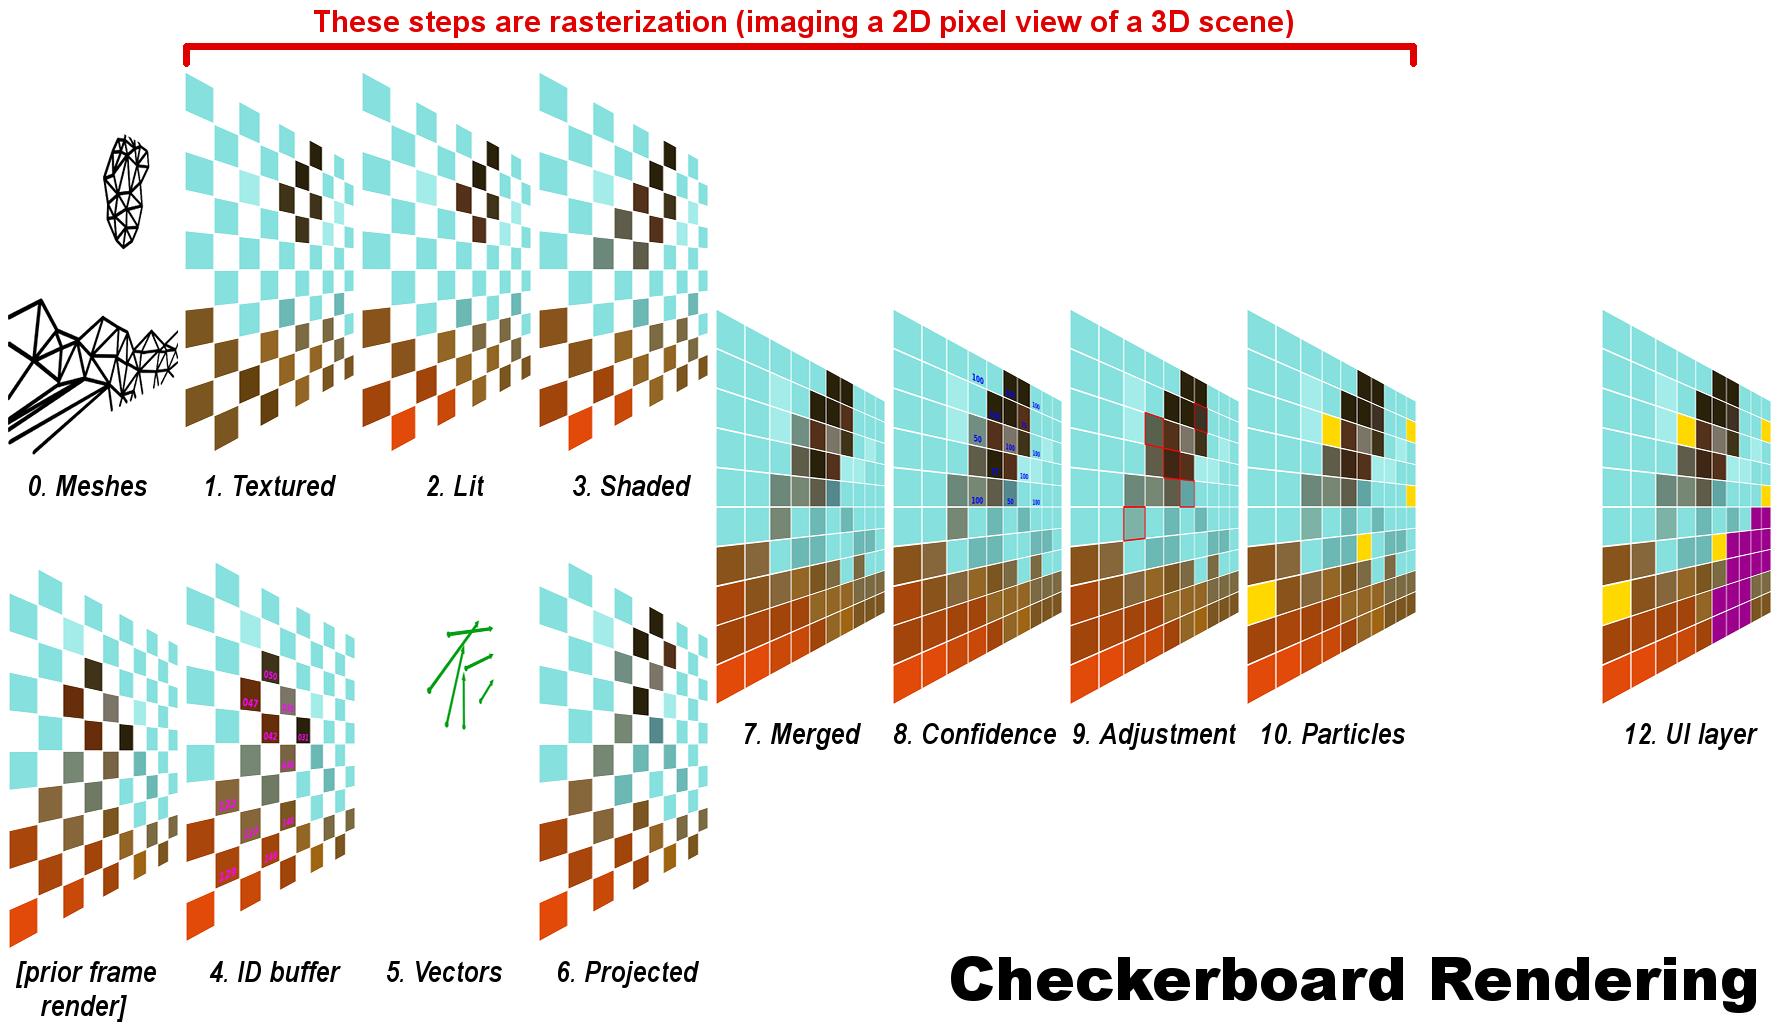 Checkerboarding, upscaling e 4K nativo: afinal, o que é cada um deles?